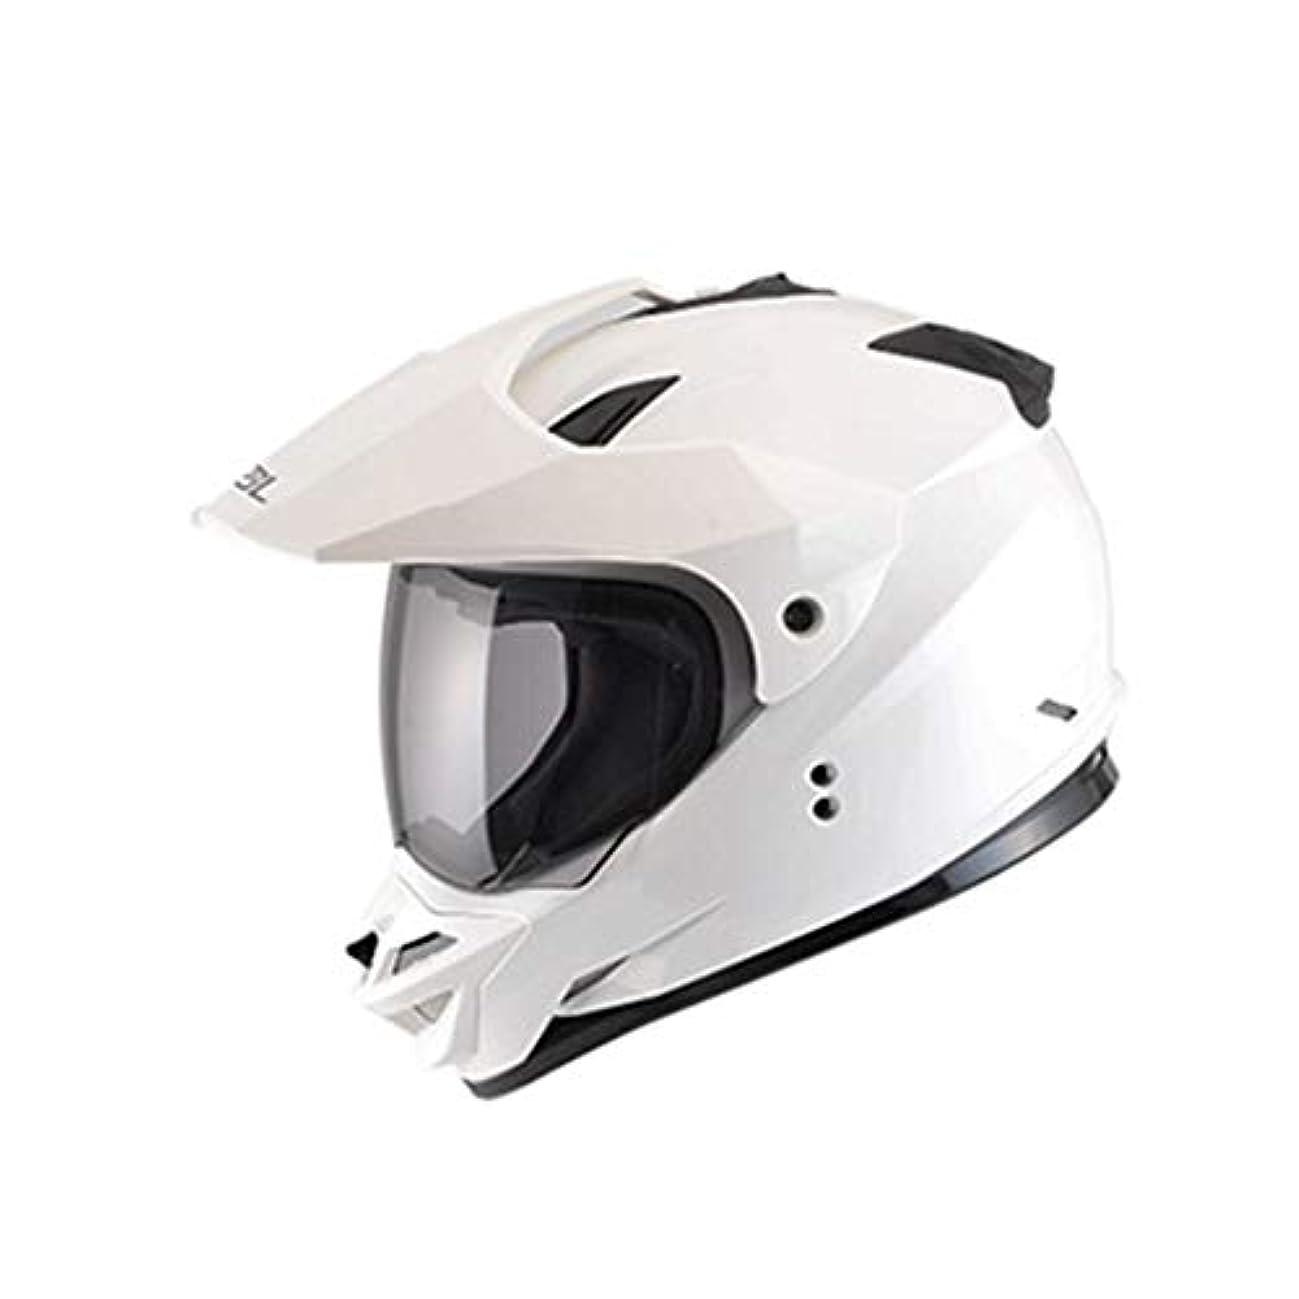 つぼみ憲法締めるSafety オートバイヘルメットオフロードヘルメット多機能ヘルメットレーシング機関車フルフェイスヘルメット電動オートバイヘルメット四季 - 白 (Size : XXXL)